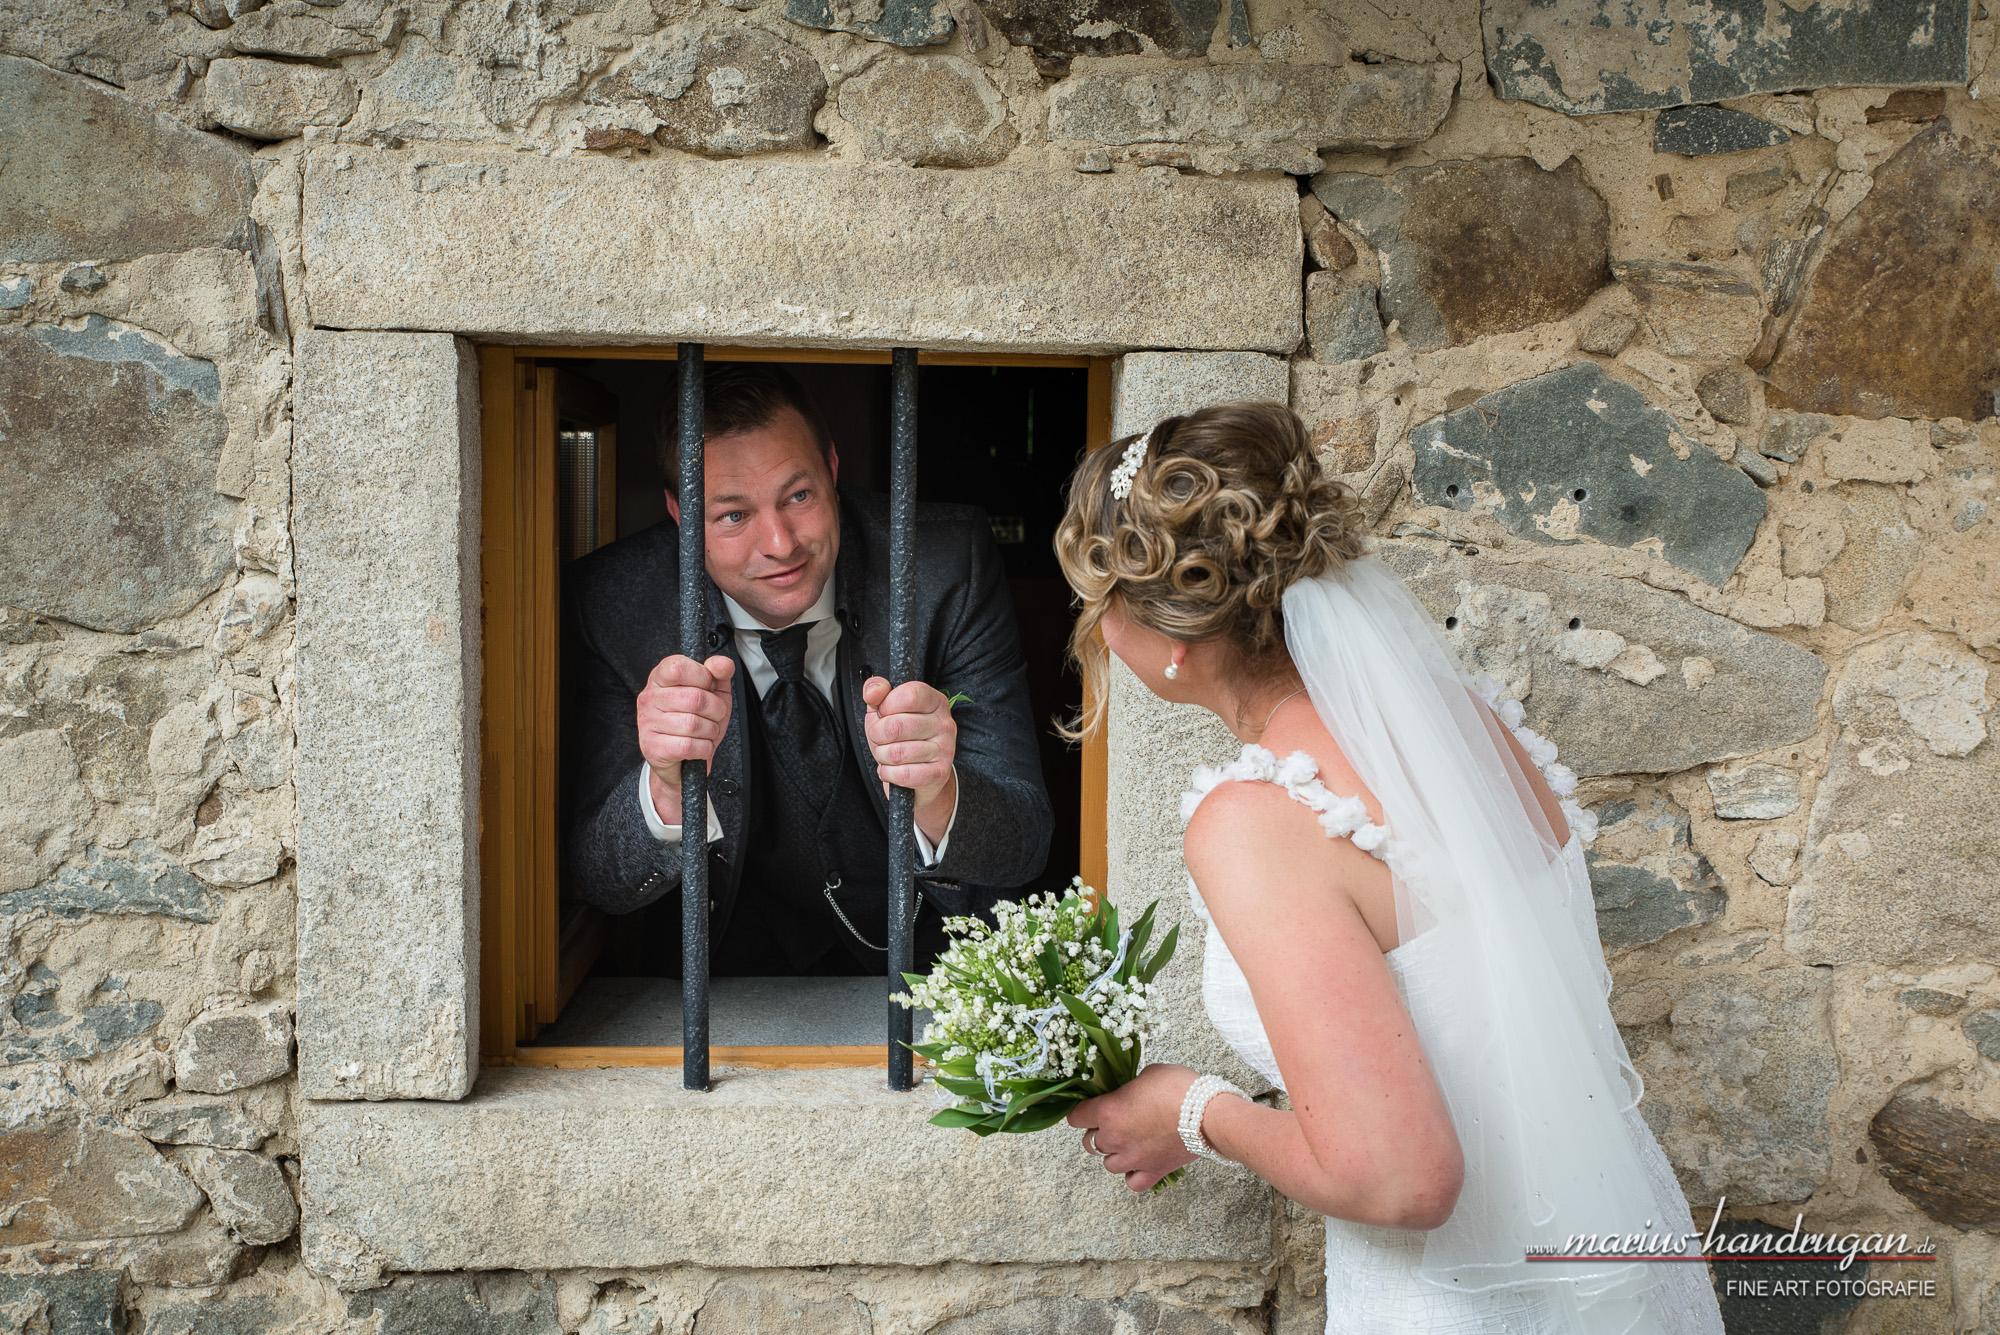 Miraculous Lustige Hochzeitsbilder Gallery Of